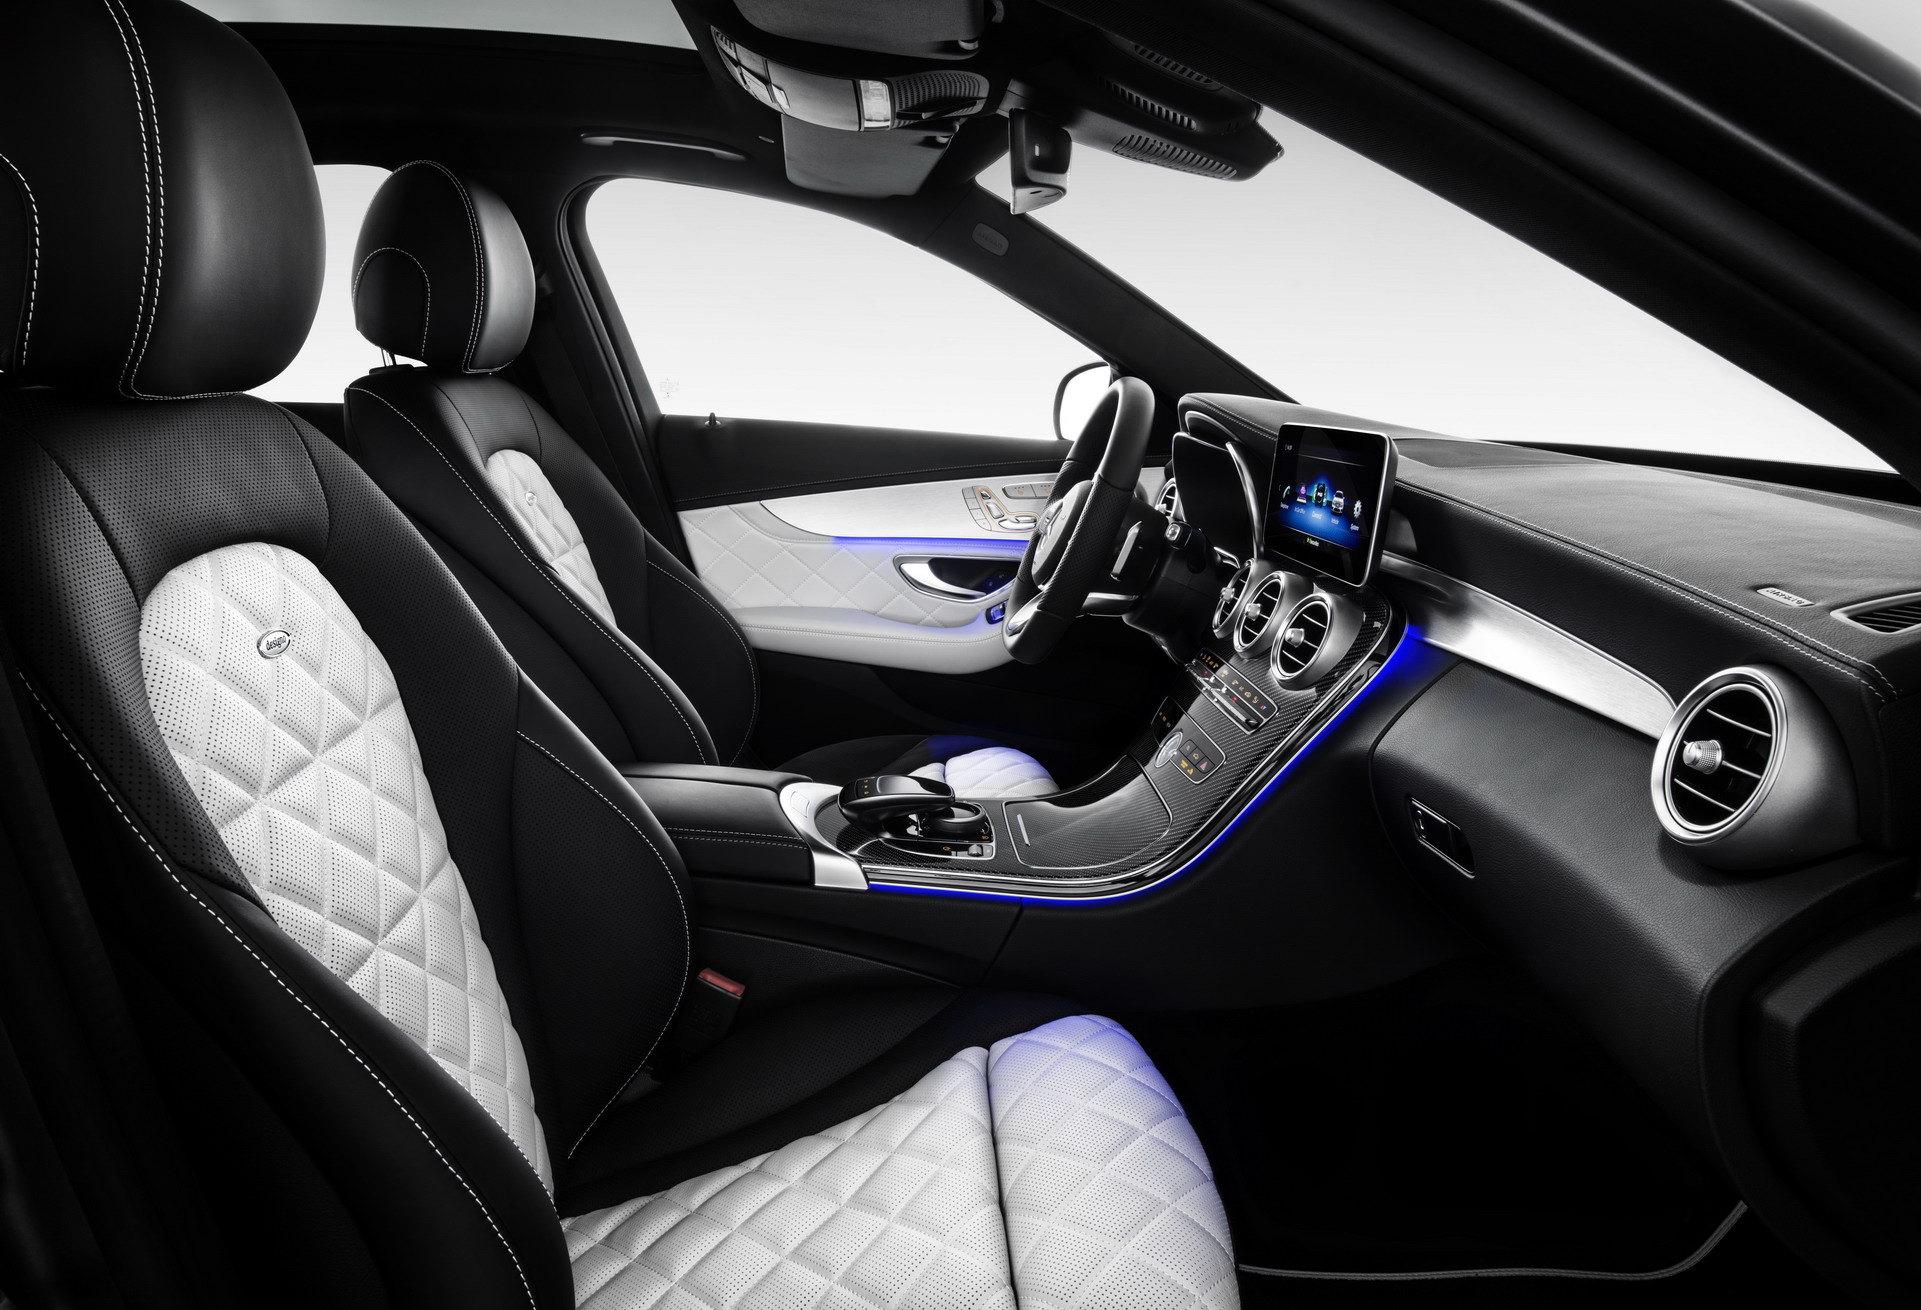 2019-Merceedes-Benz-C-Class-Facelift-20.jpg